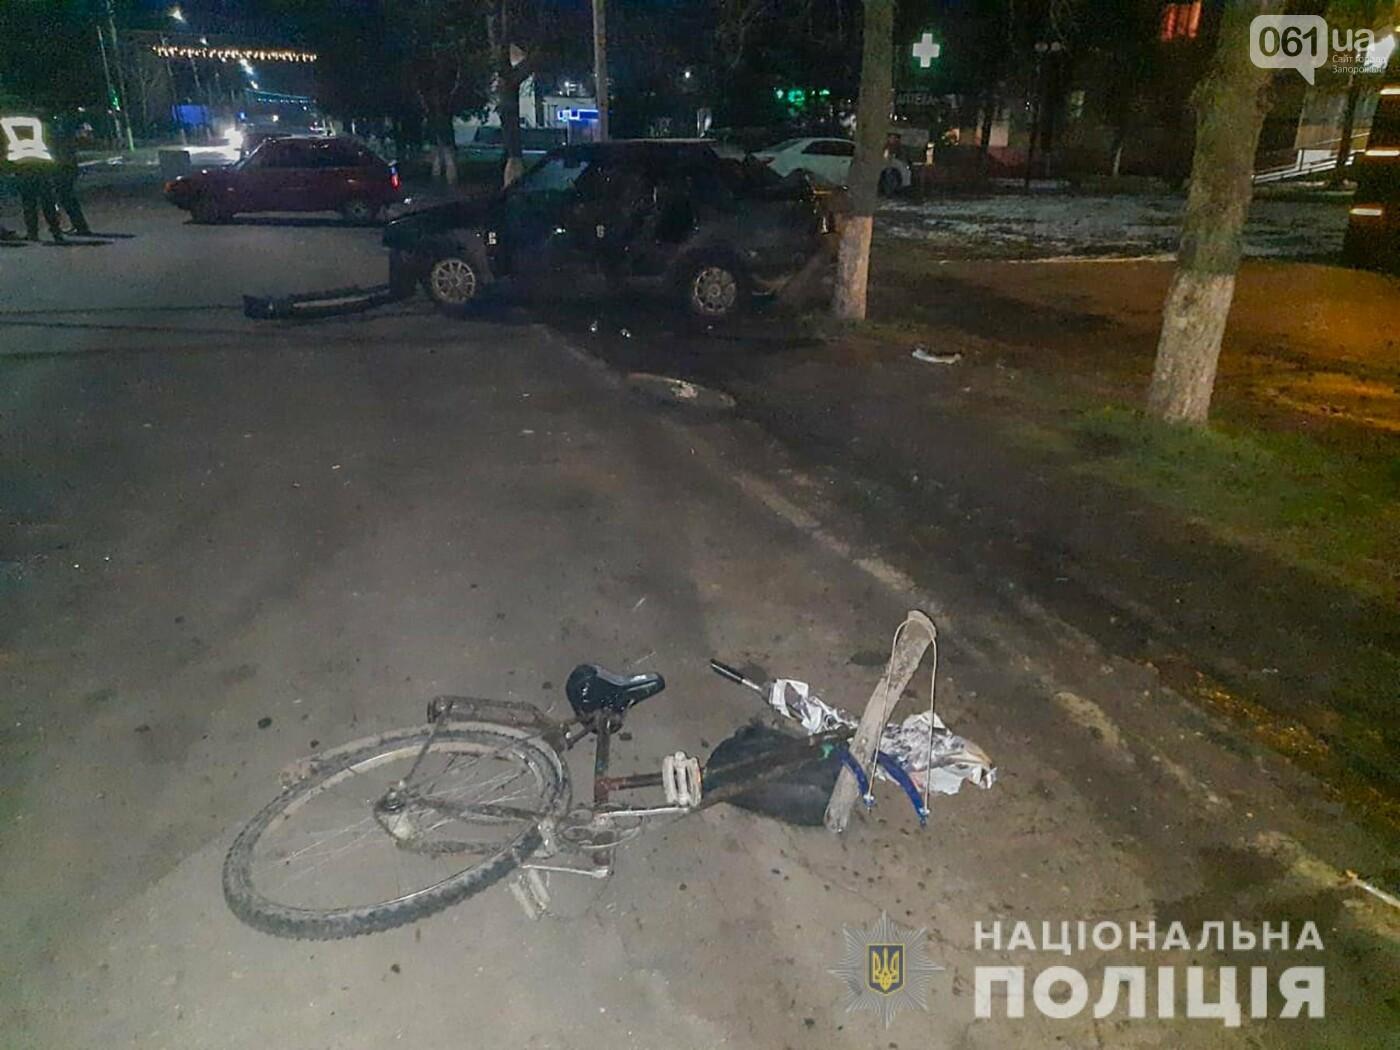 В Запорожской области пьяный водитель ВАЗа насмерть сбил велосипедистку, фото-1